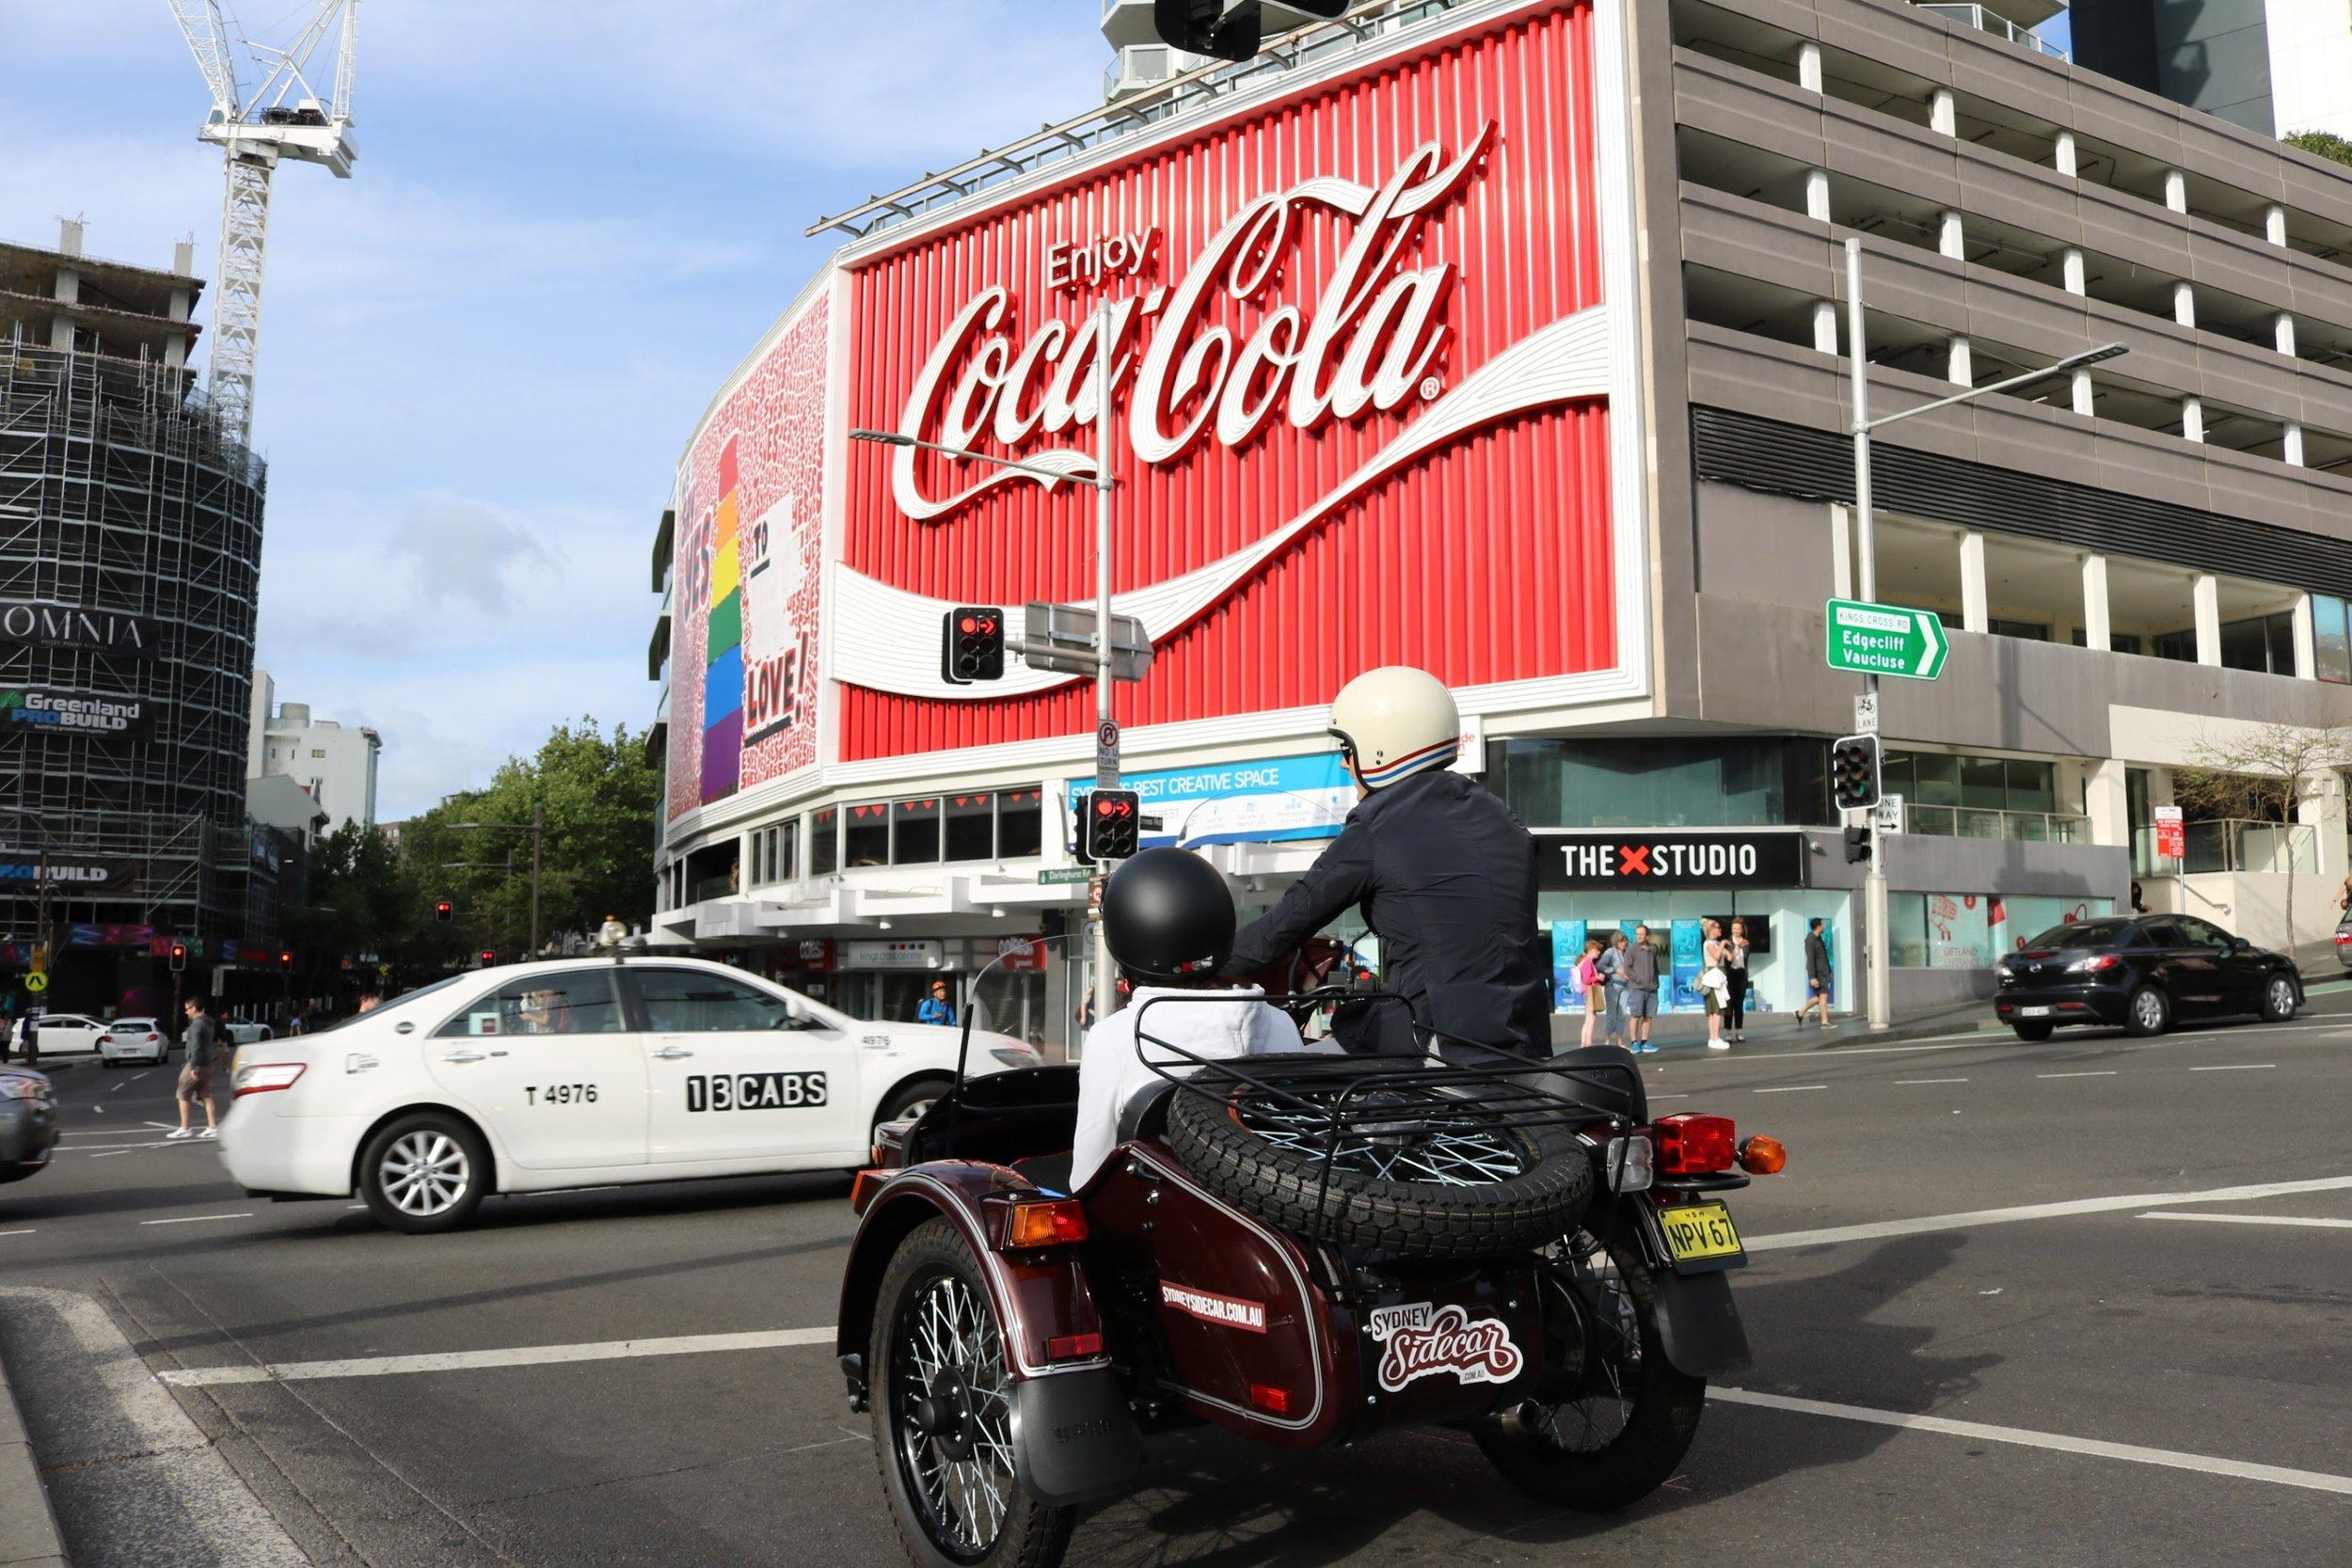 coke-sign-sydney-tour-real-inner east.JPG